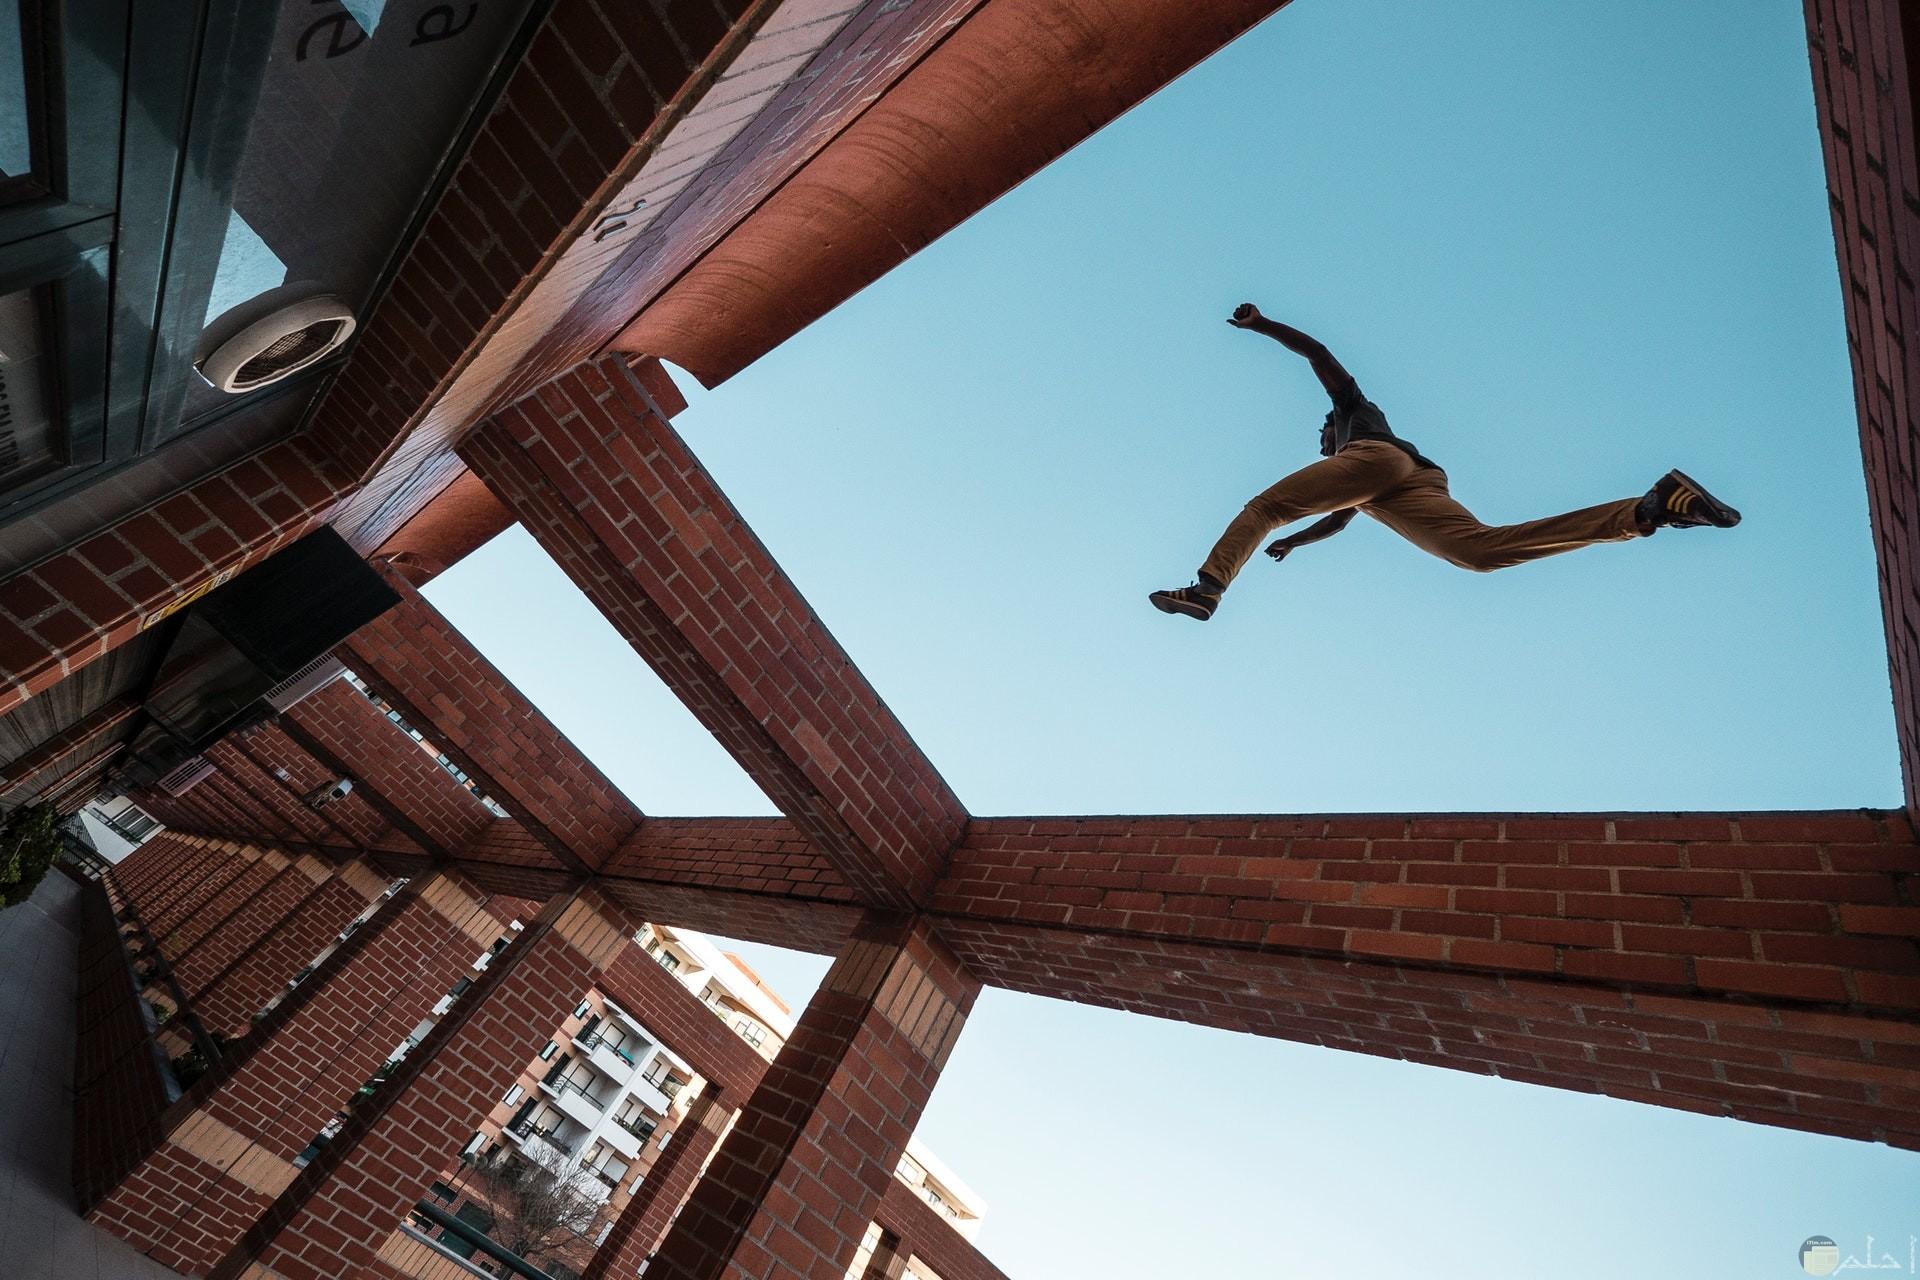 صورة أكشن مميزة لشخص يقفز عاليا من نقطة لنقطة أخري فوق مبني